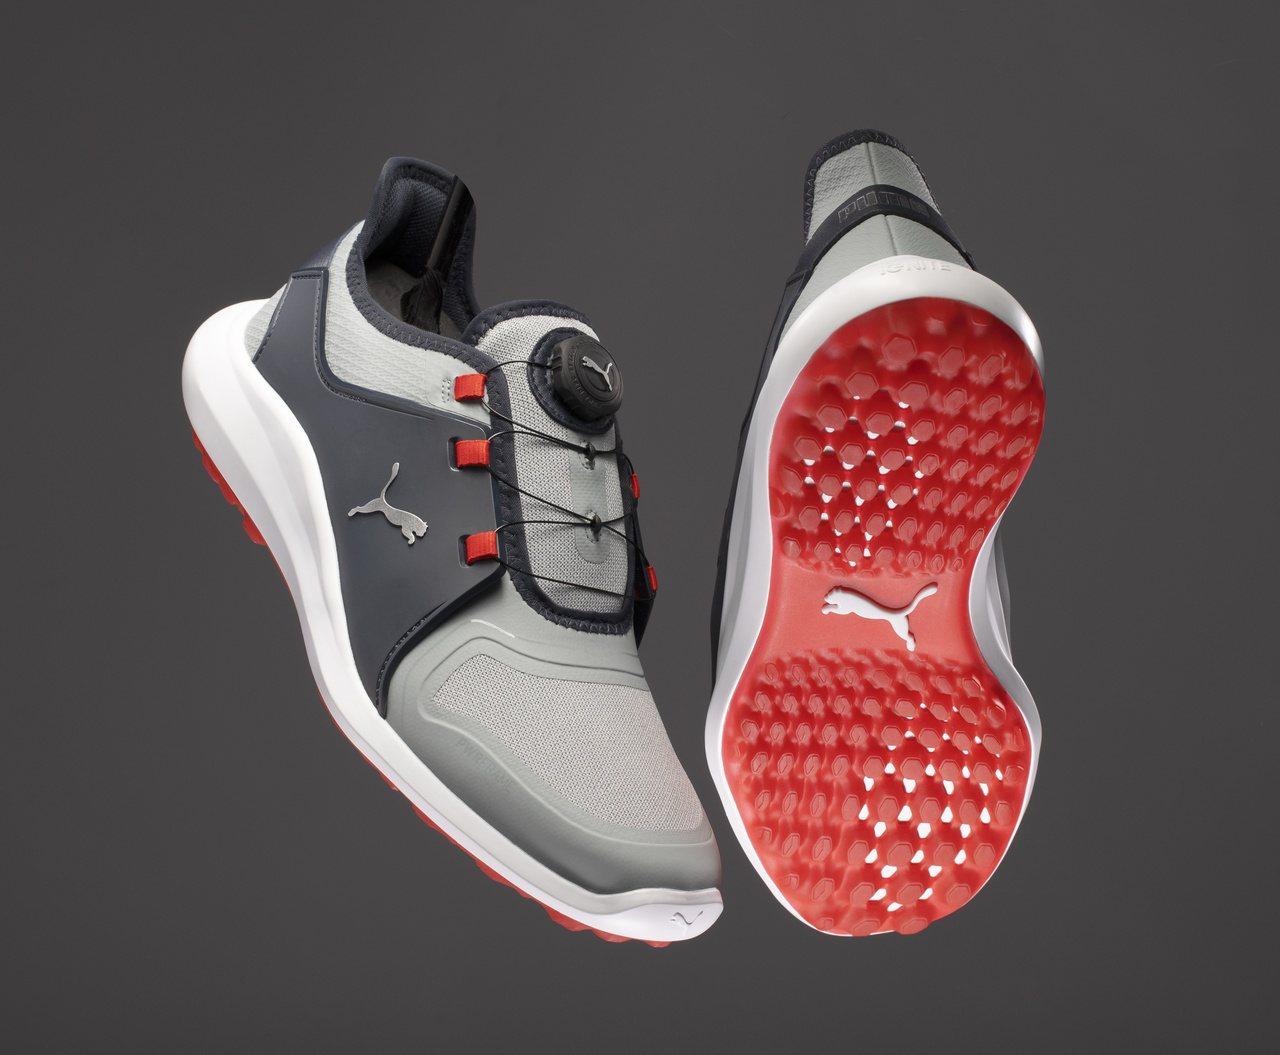 PUMA GOLF  IGNITE FASTEN8 DISC高球鞋5,680元。...